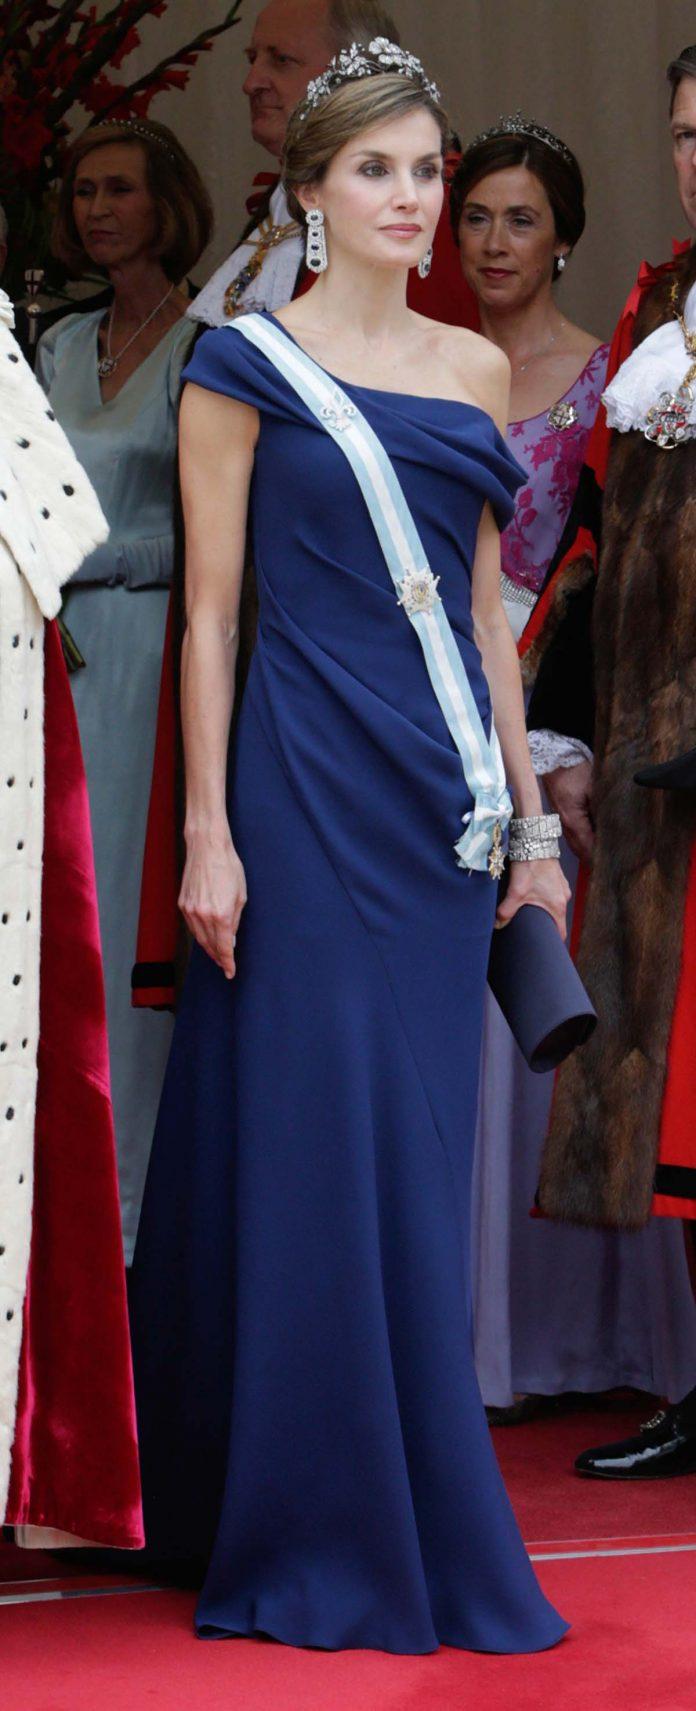 Los looks de la Reina Letizia que más han impactado en el exterior 10